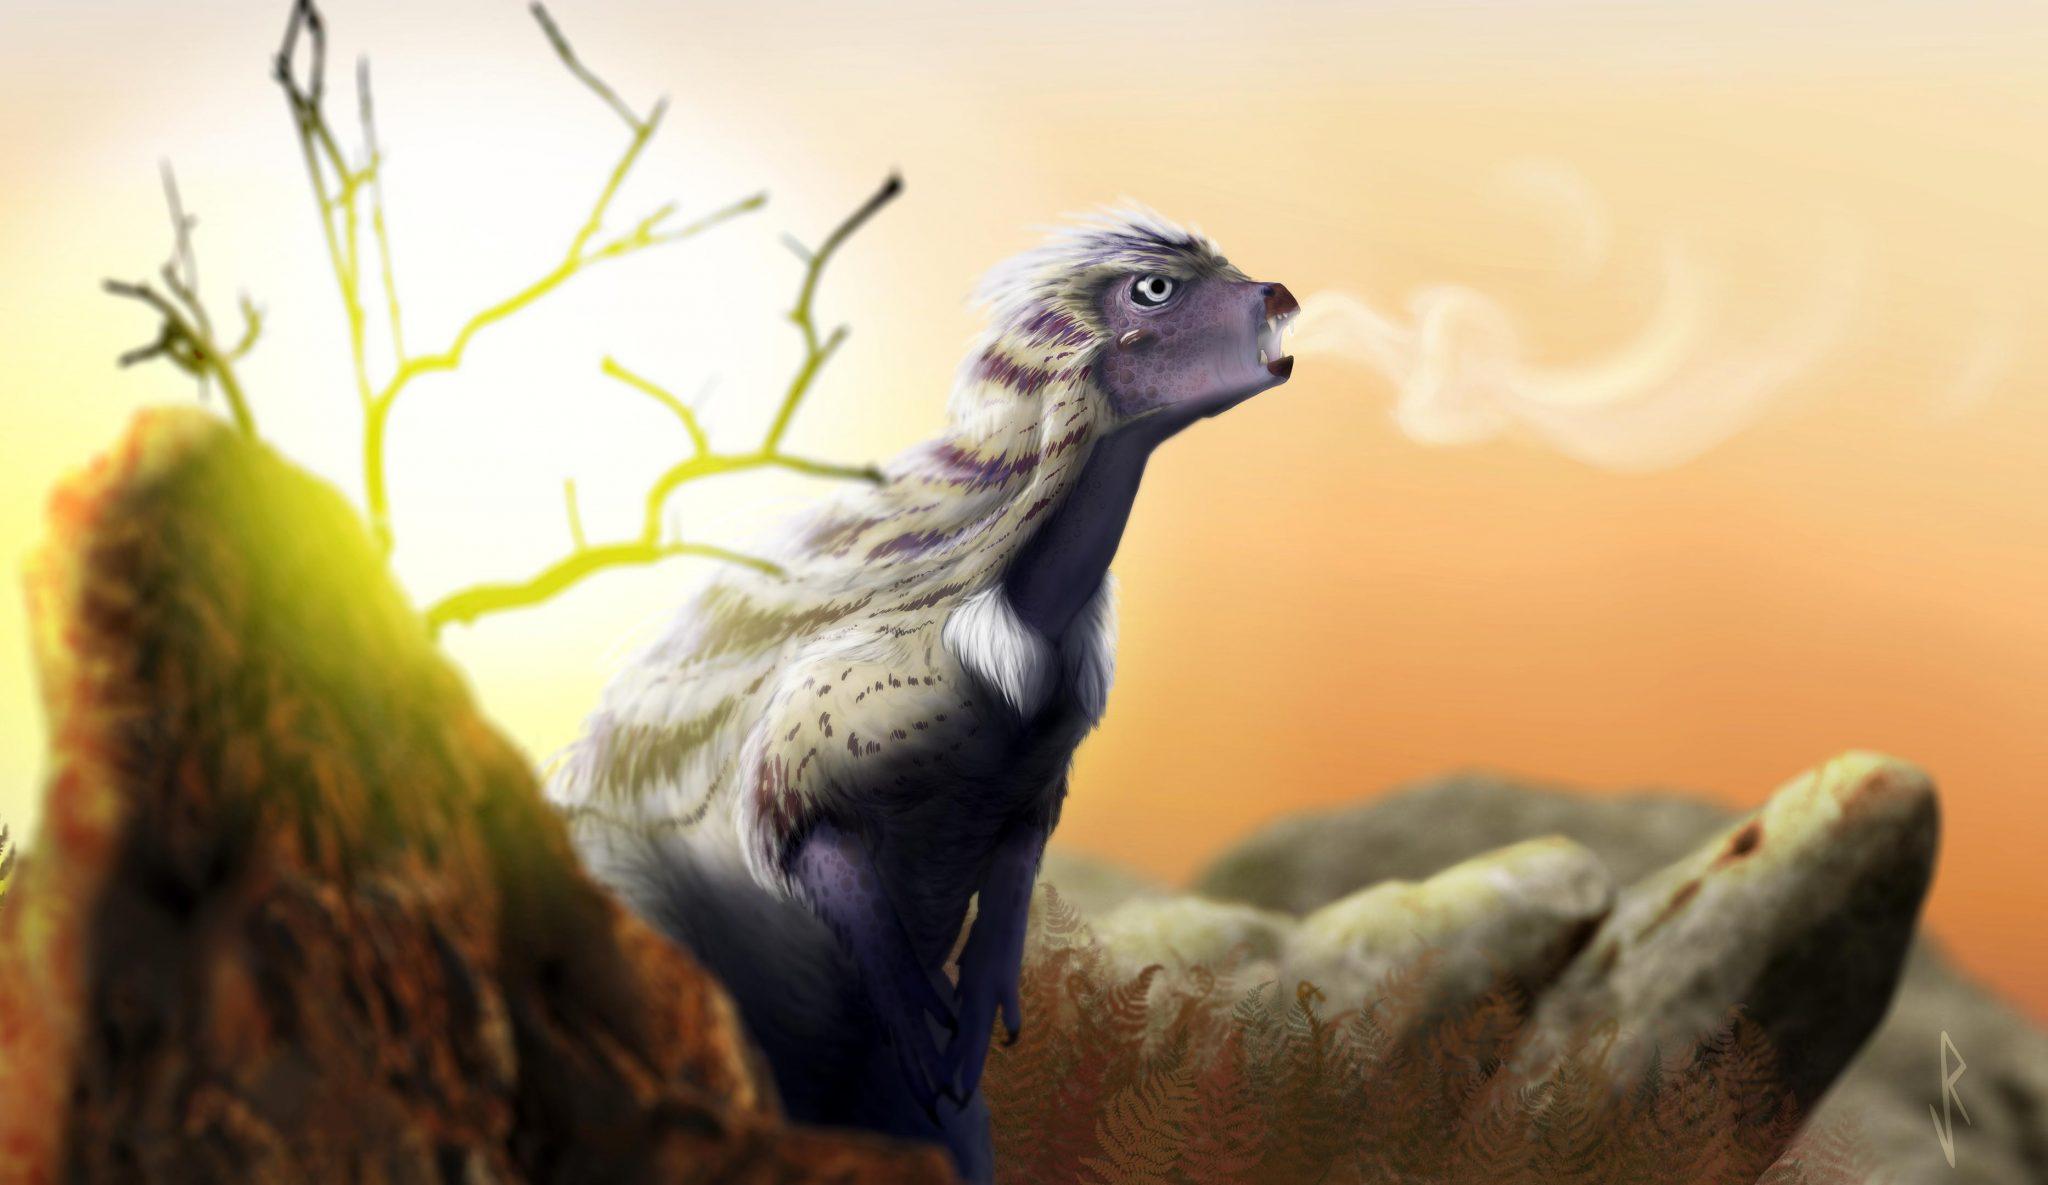 高能X射线展示2亿年前的恐龙Heterodontosaurus tucki如何呼吸